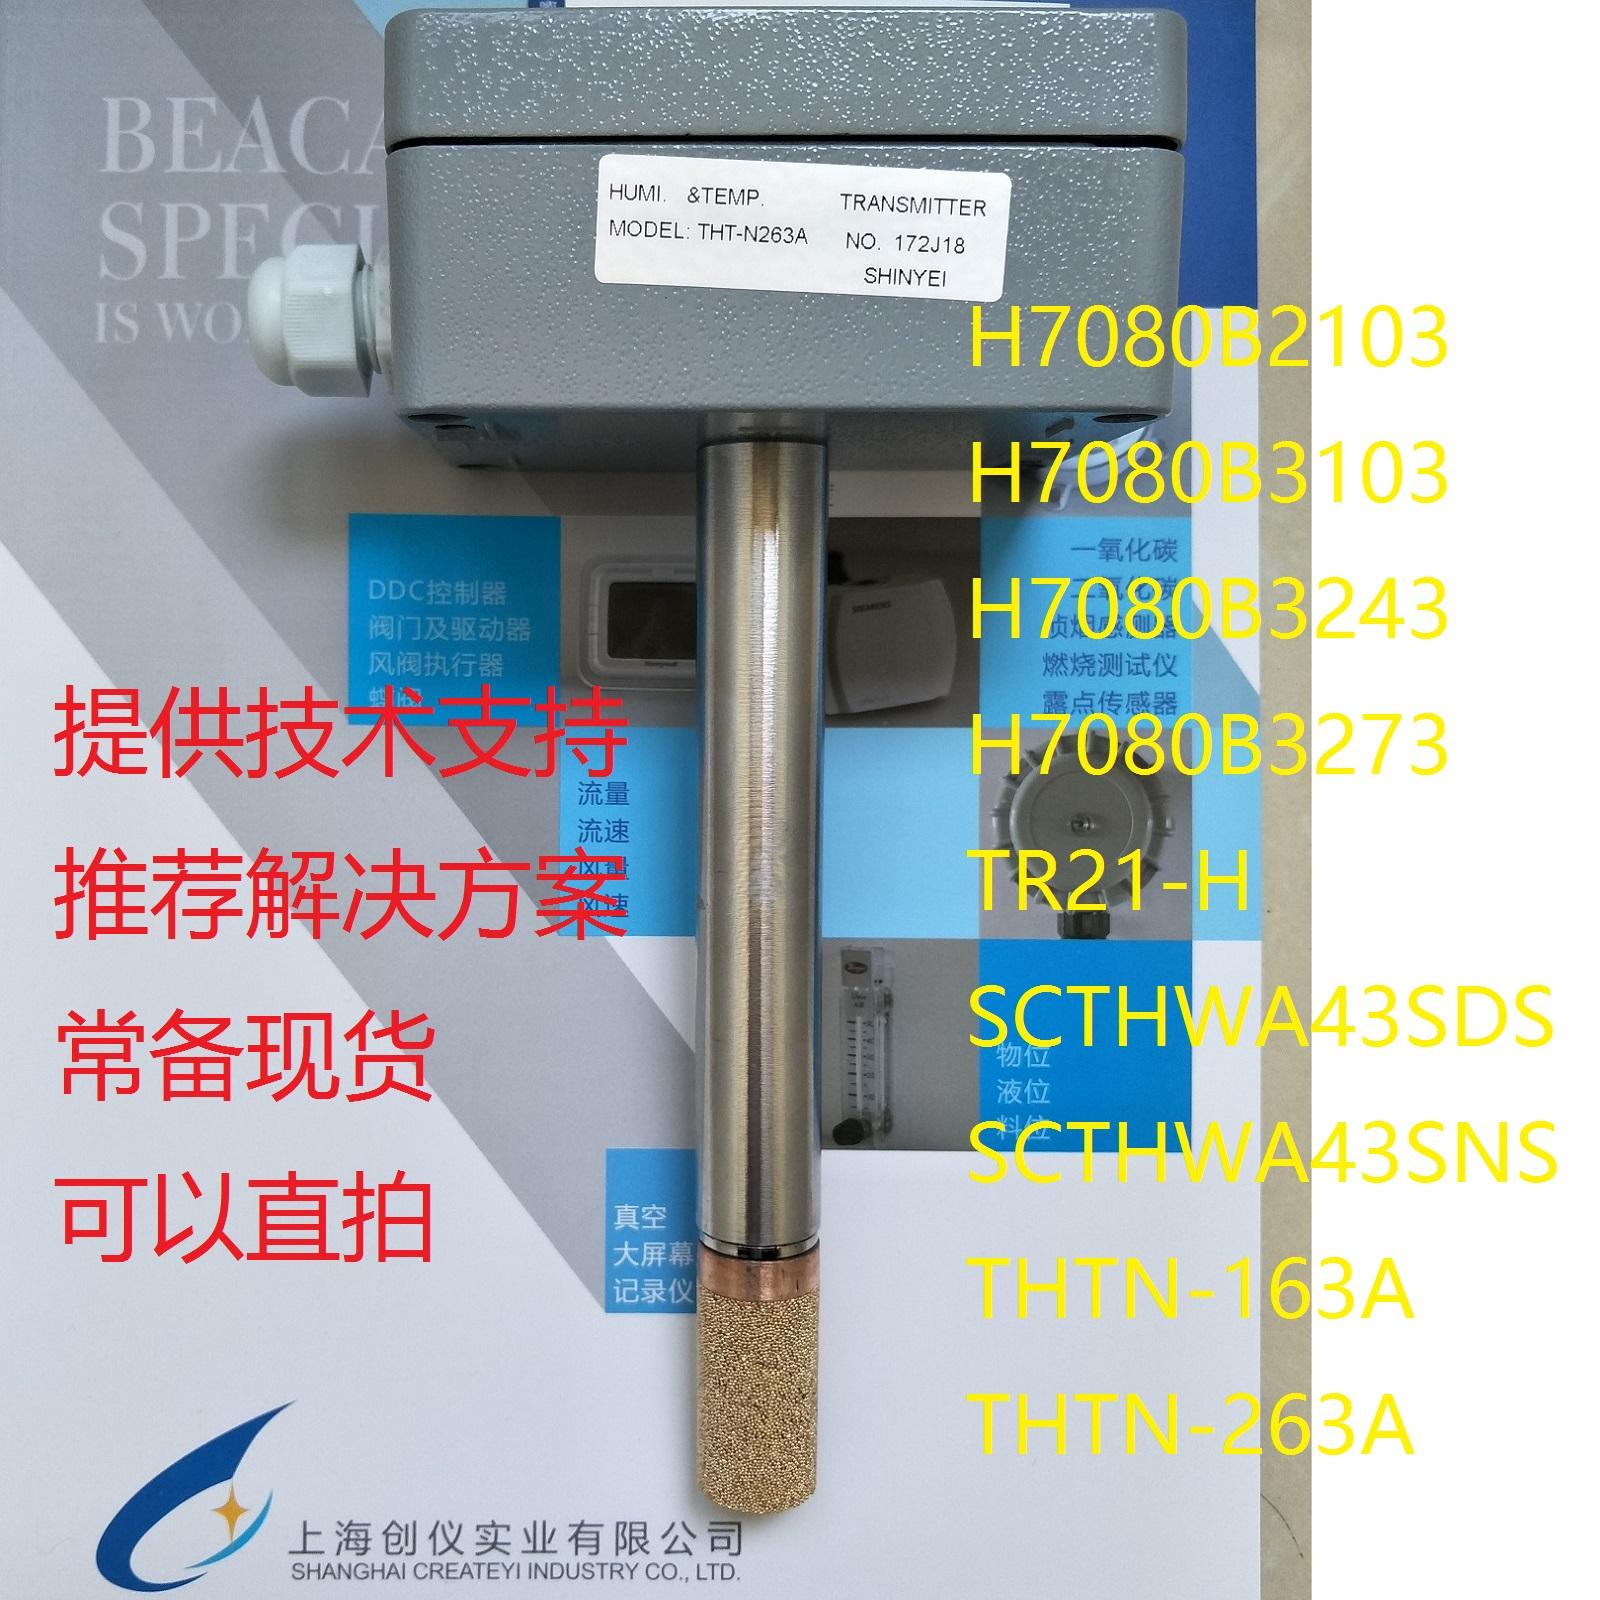 风管温湿度变送器及温湿度传感器相关产品推荐